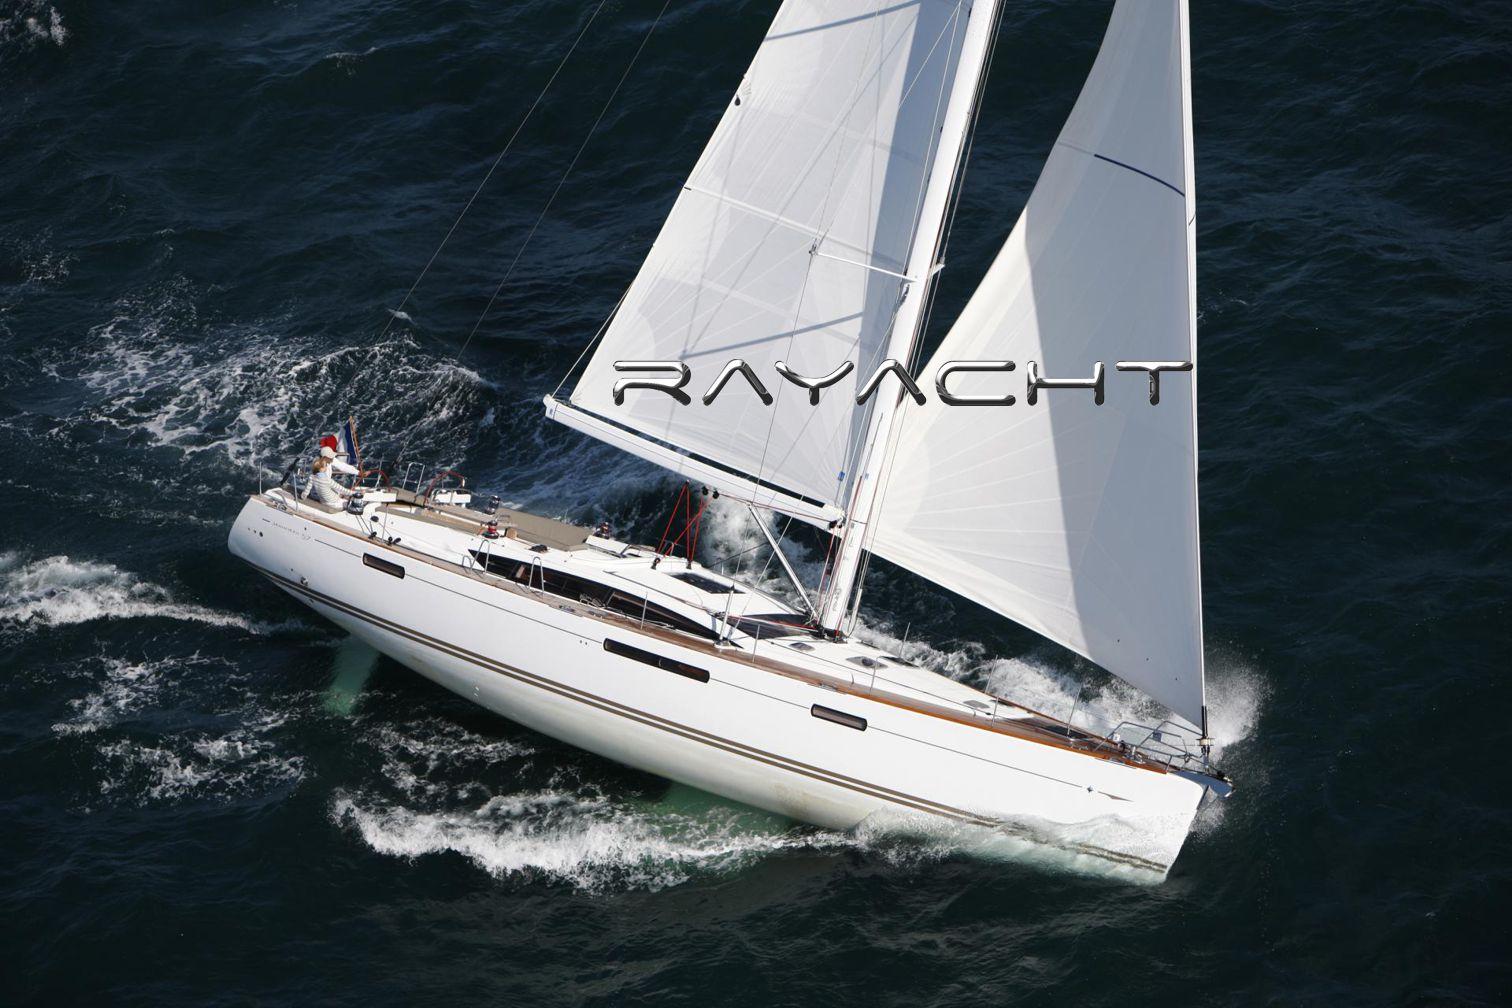 Jeanneau 57 Rayacht